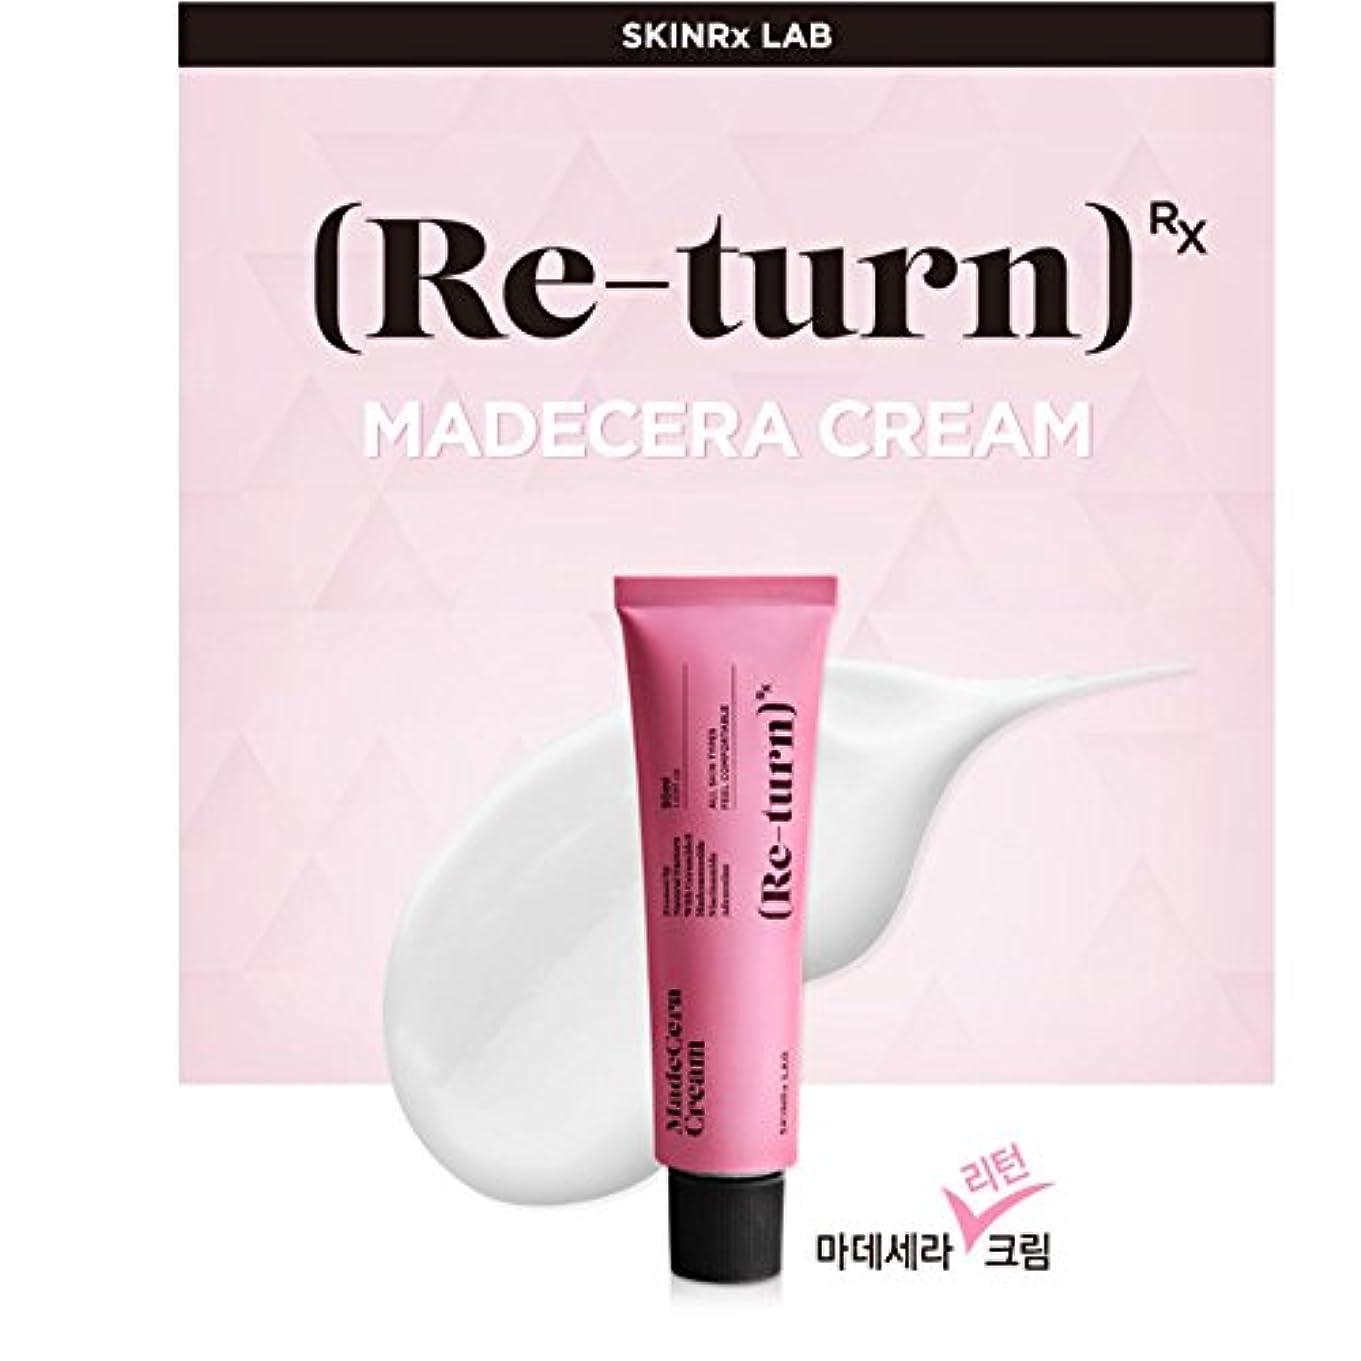 化学薬品満足できるまつげスキンアルエクスラップ マデセラ リターン クリーム 50ml / SKINRxLAB MadeCera Re-turn Cream 50ml (1.69oz)